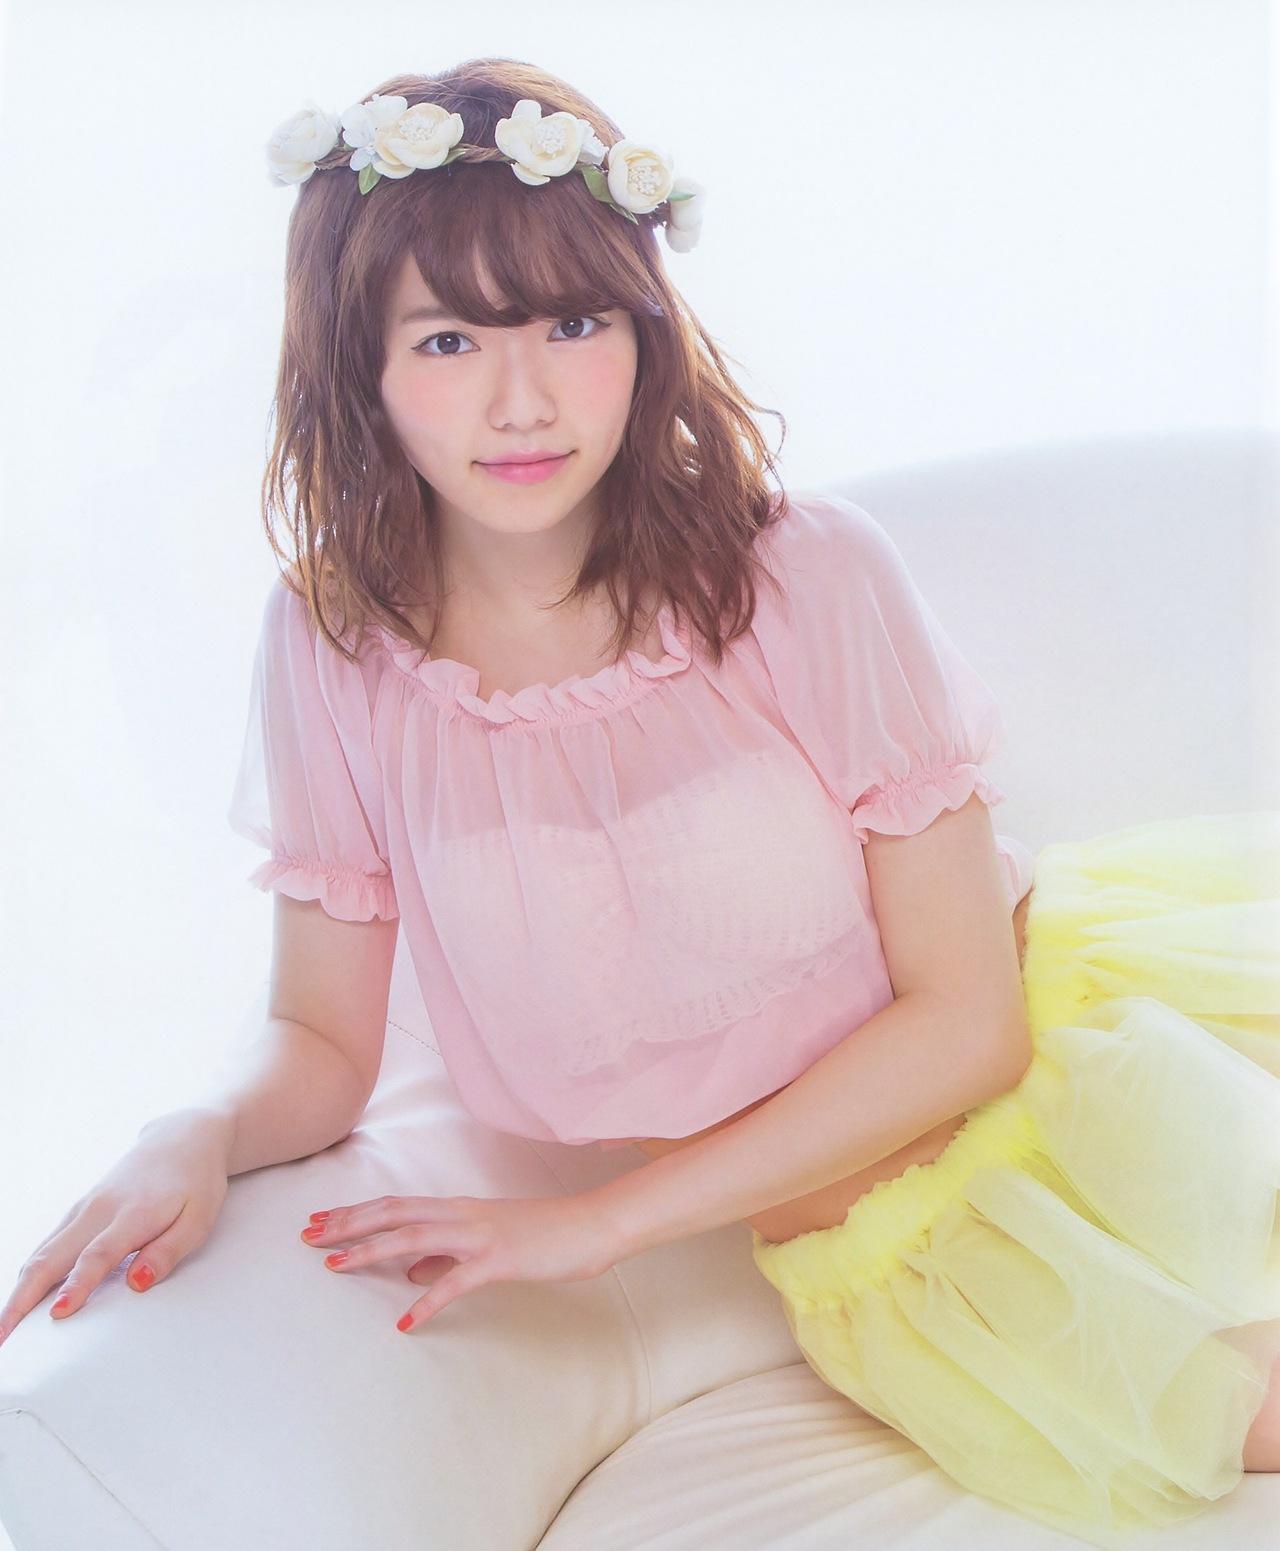 【画像あり】超カワイイ!AKB島崎遥香の最新画像を大公開!のサムネイル画像